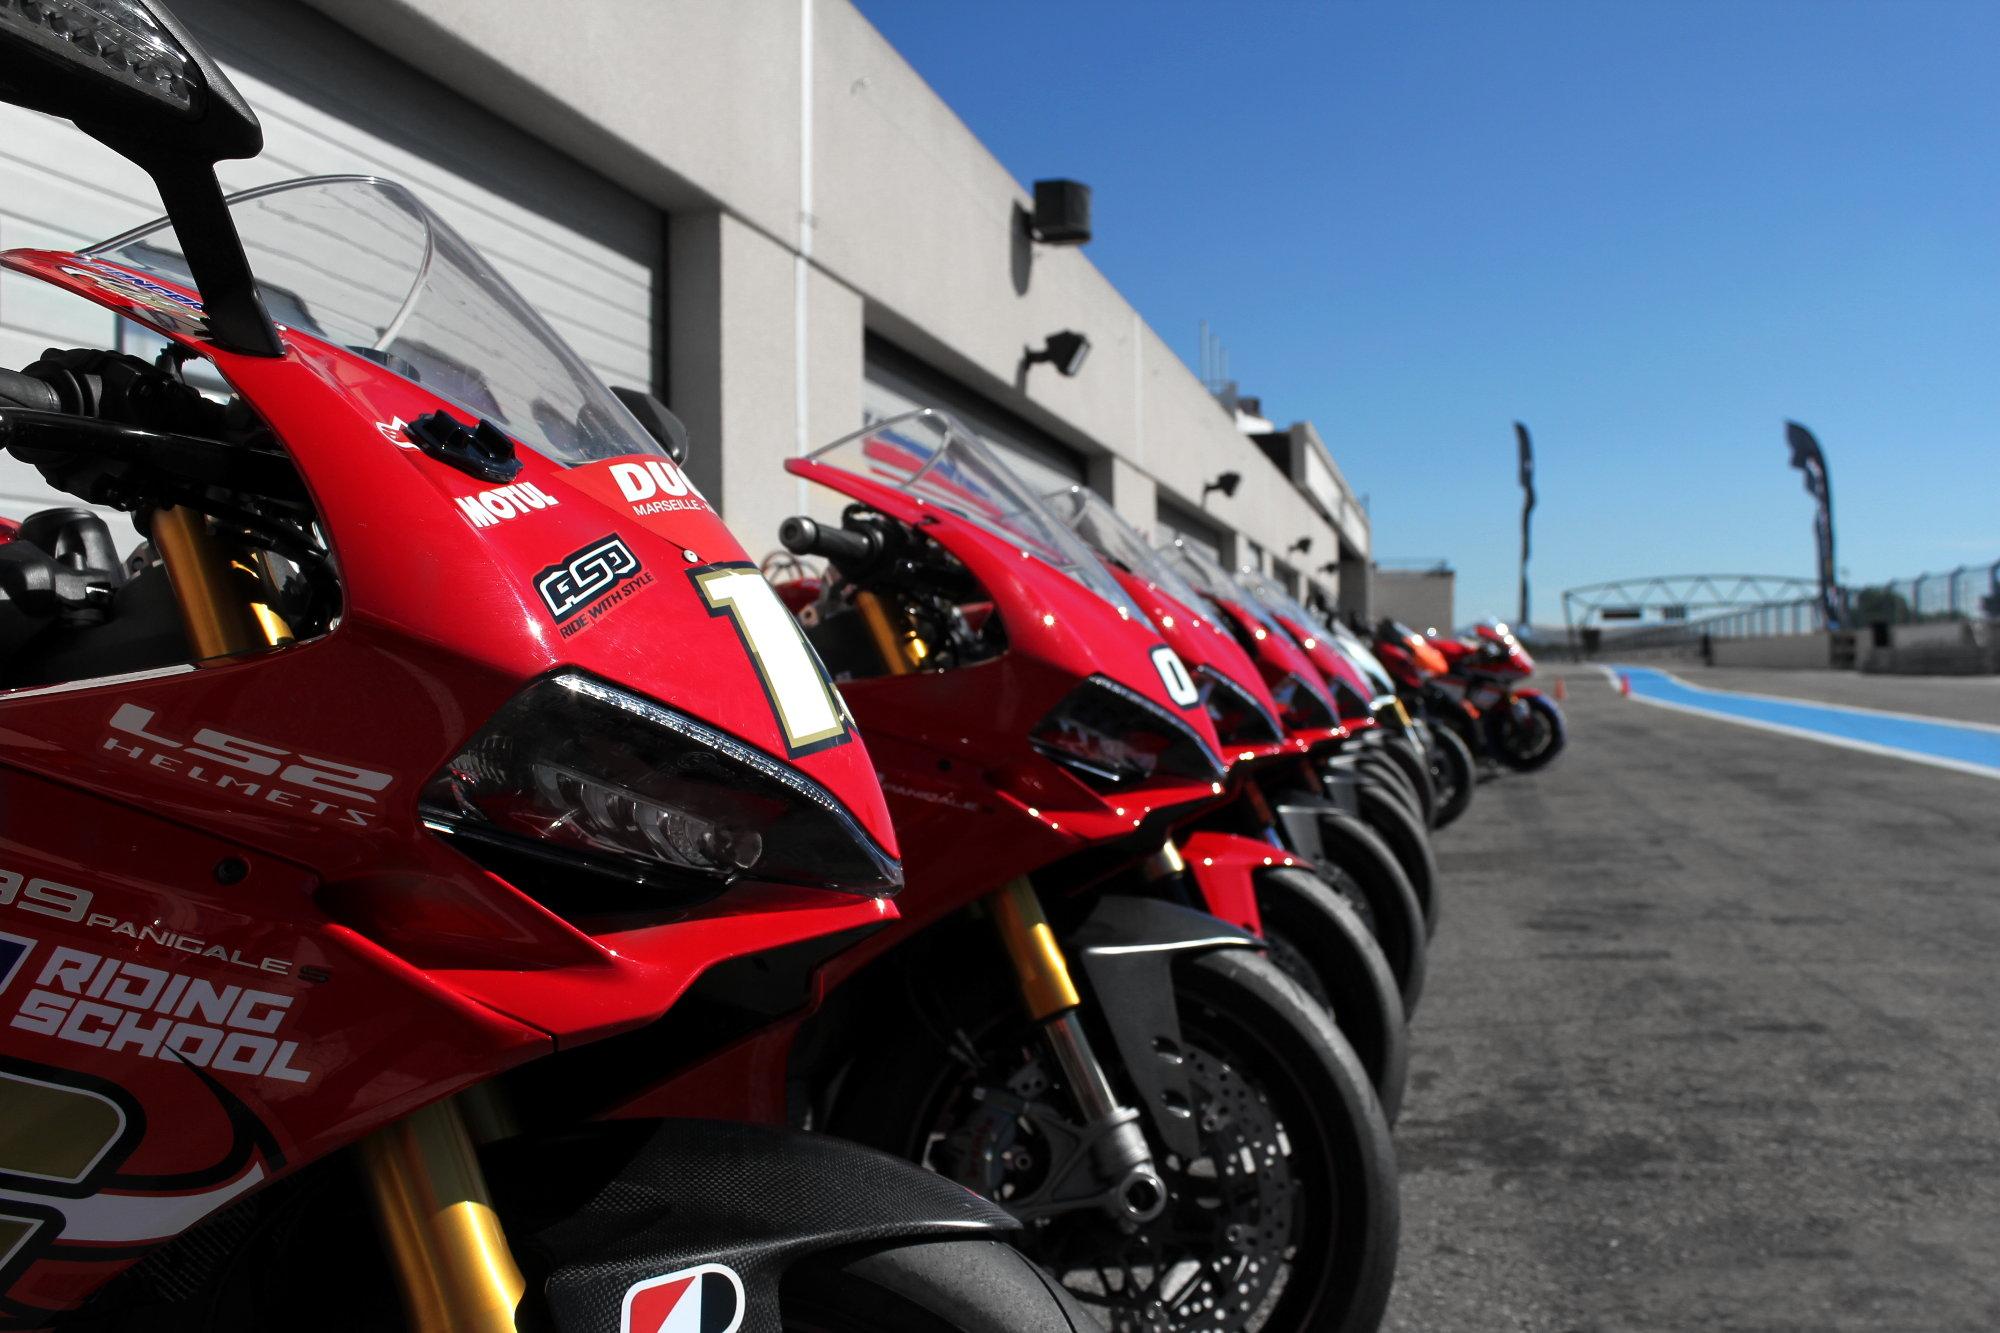 Des Ducati Panigale 959 et 1299 étaient disponibles à la location pour ceux qui le souhaitaient